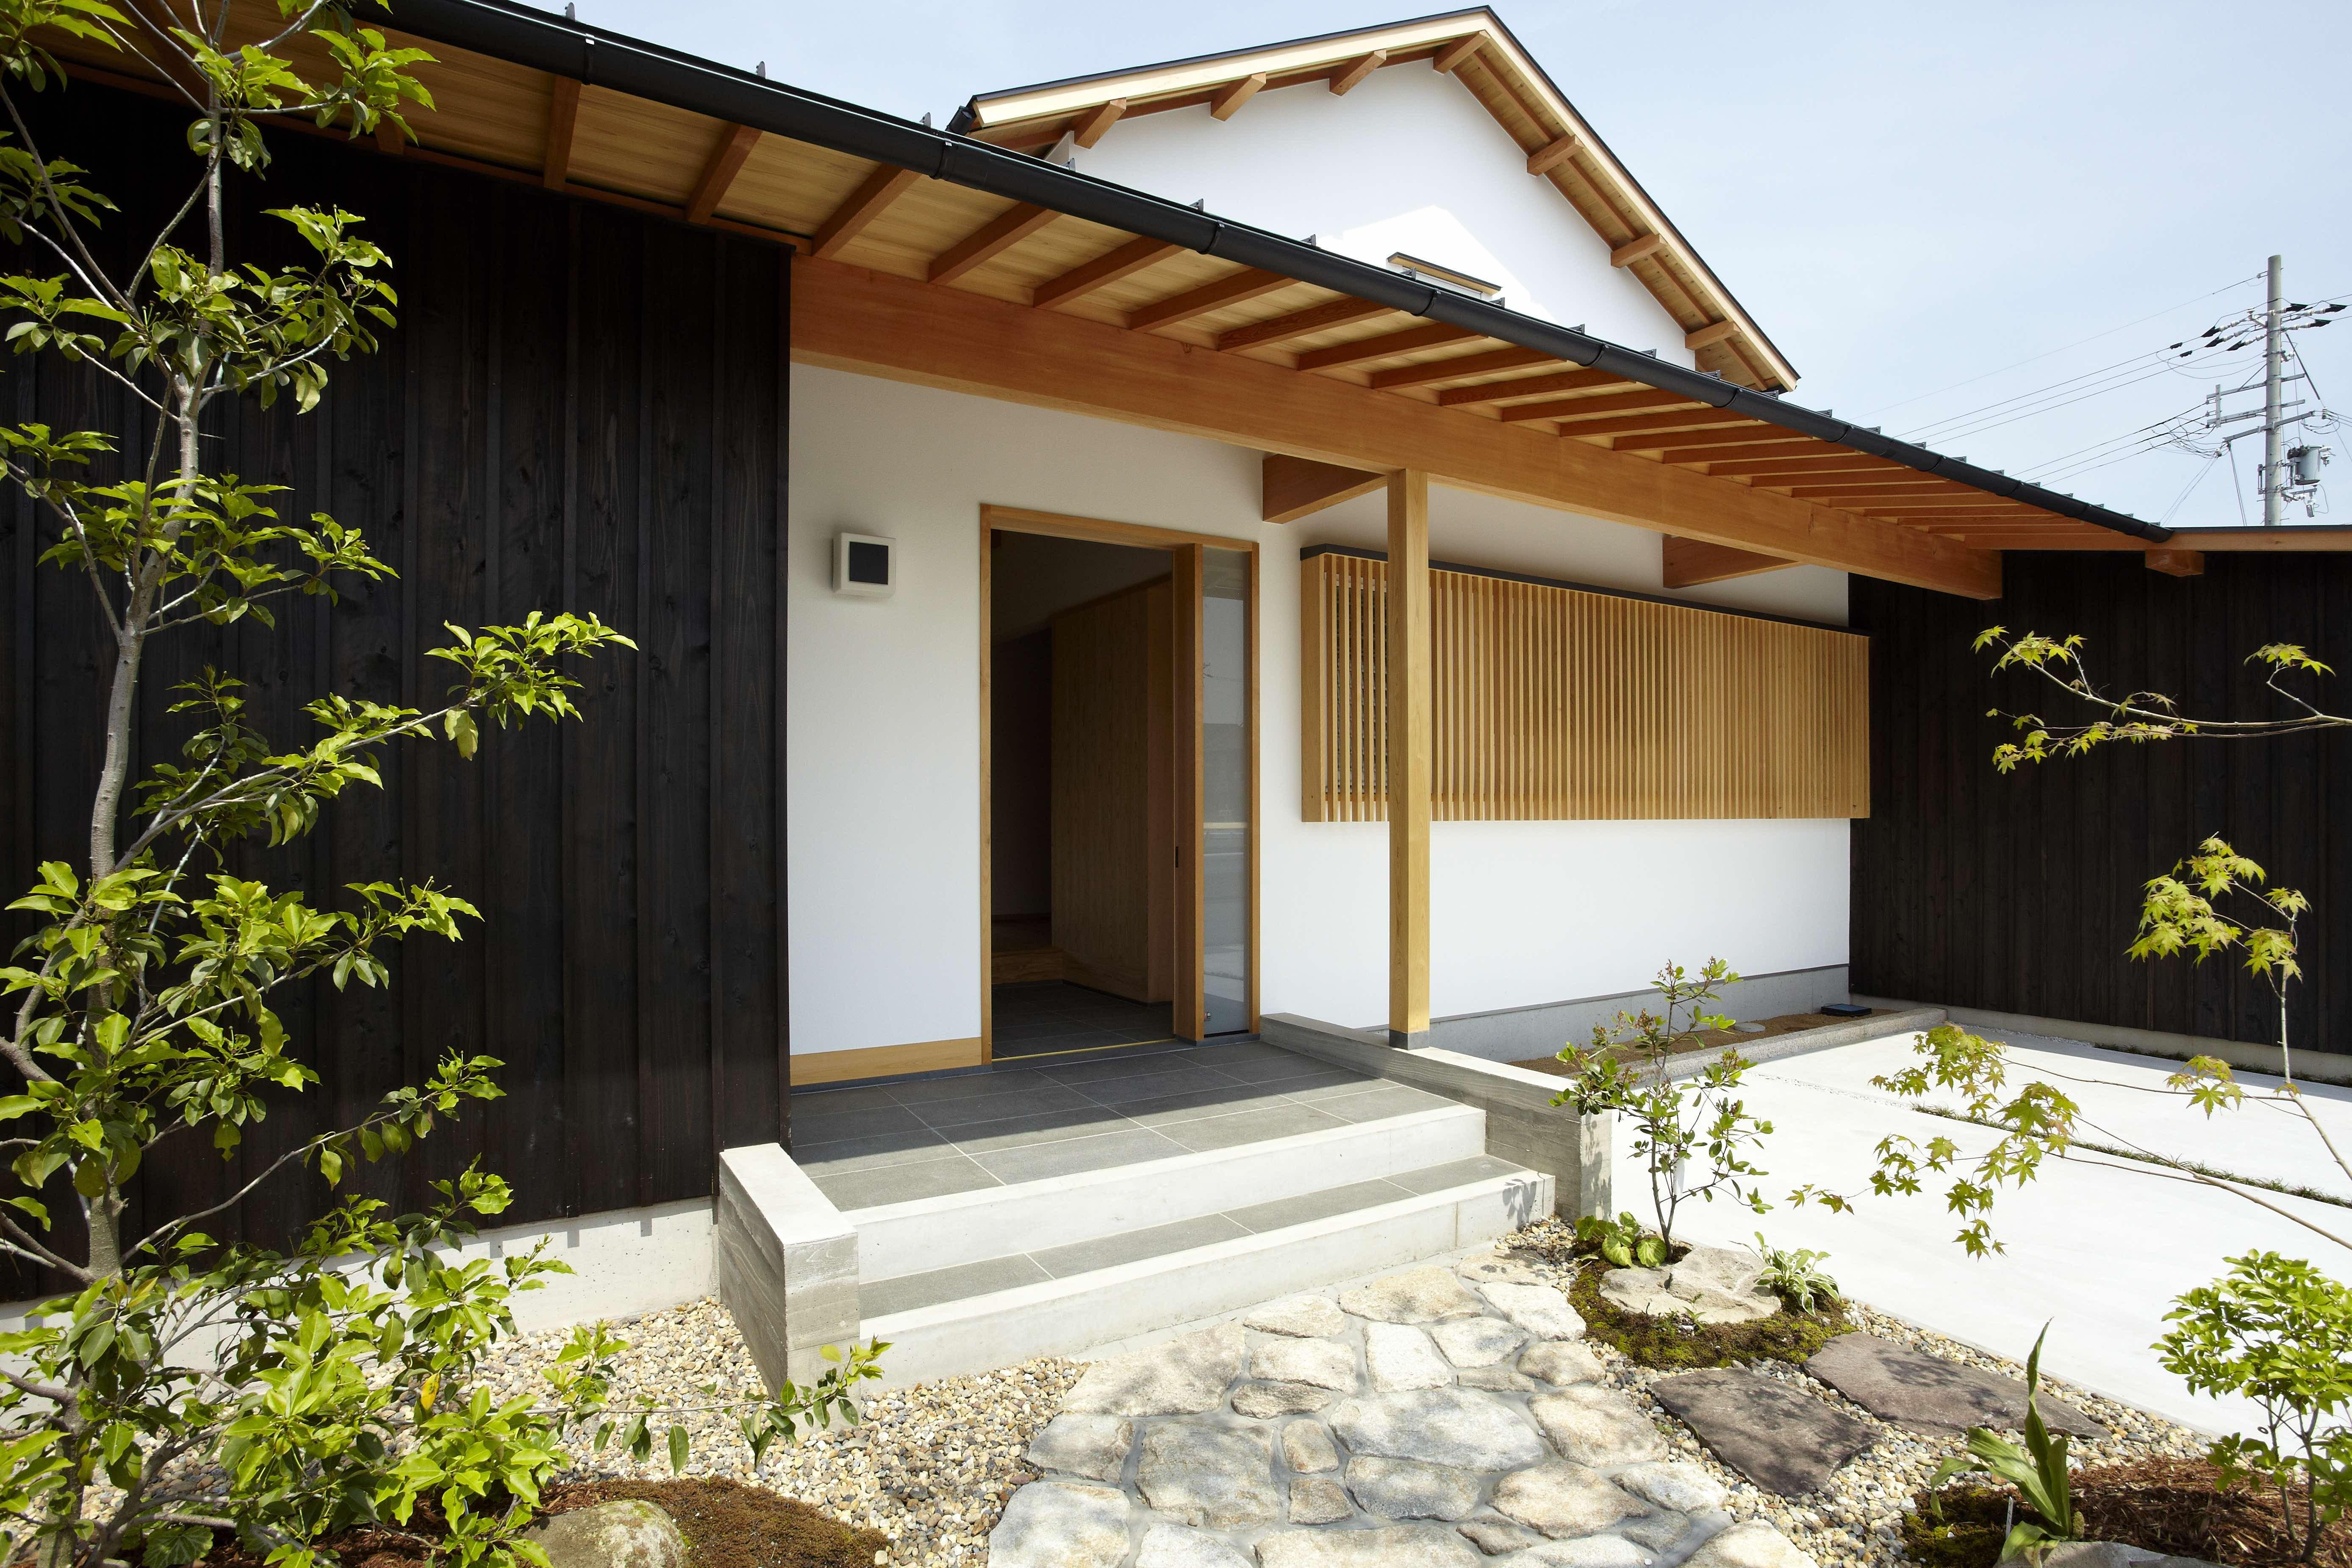 外観事例:玄関ポーチ(ウッドデッキで繋がる空間|趣味を楽しむ住まい 姫路の家)